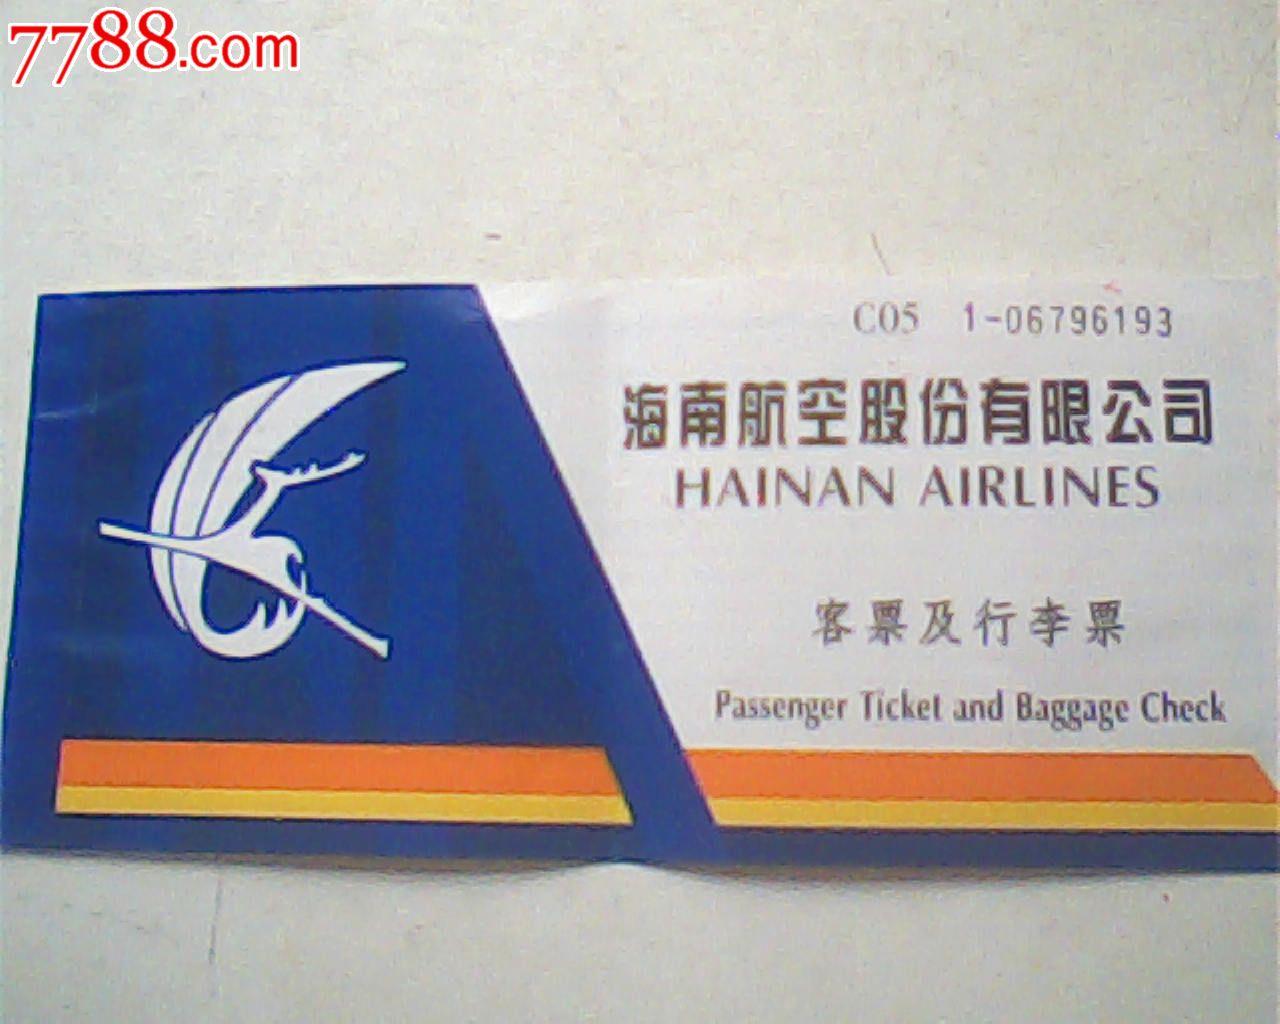 春至海南的机票_旧机票,海南航空193#,无旅客联(缺页)